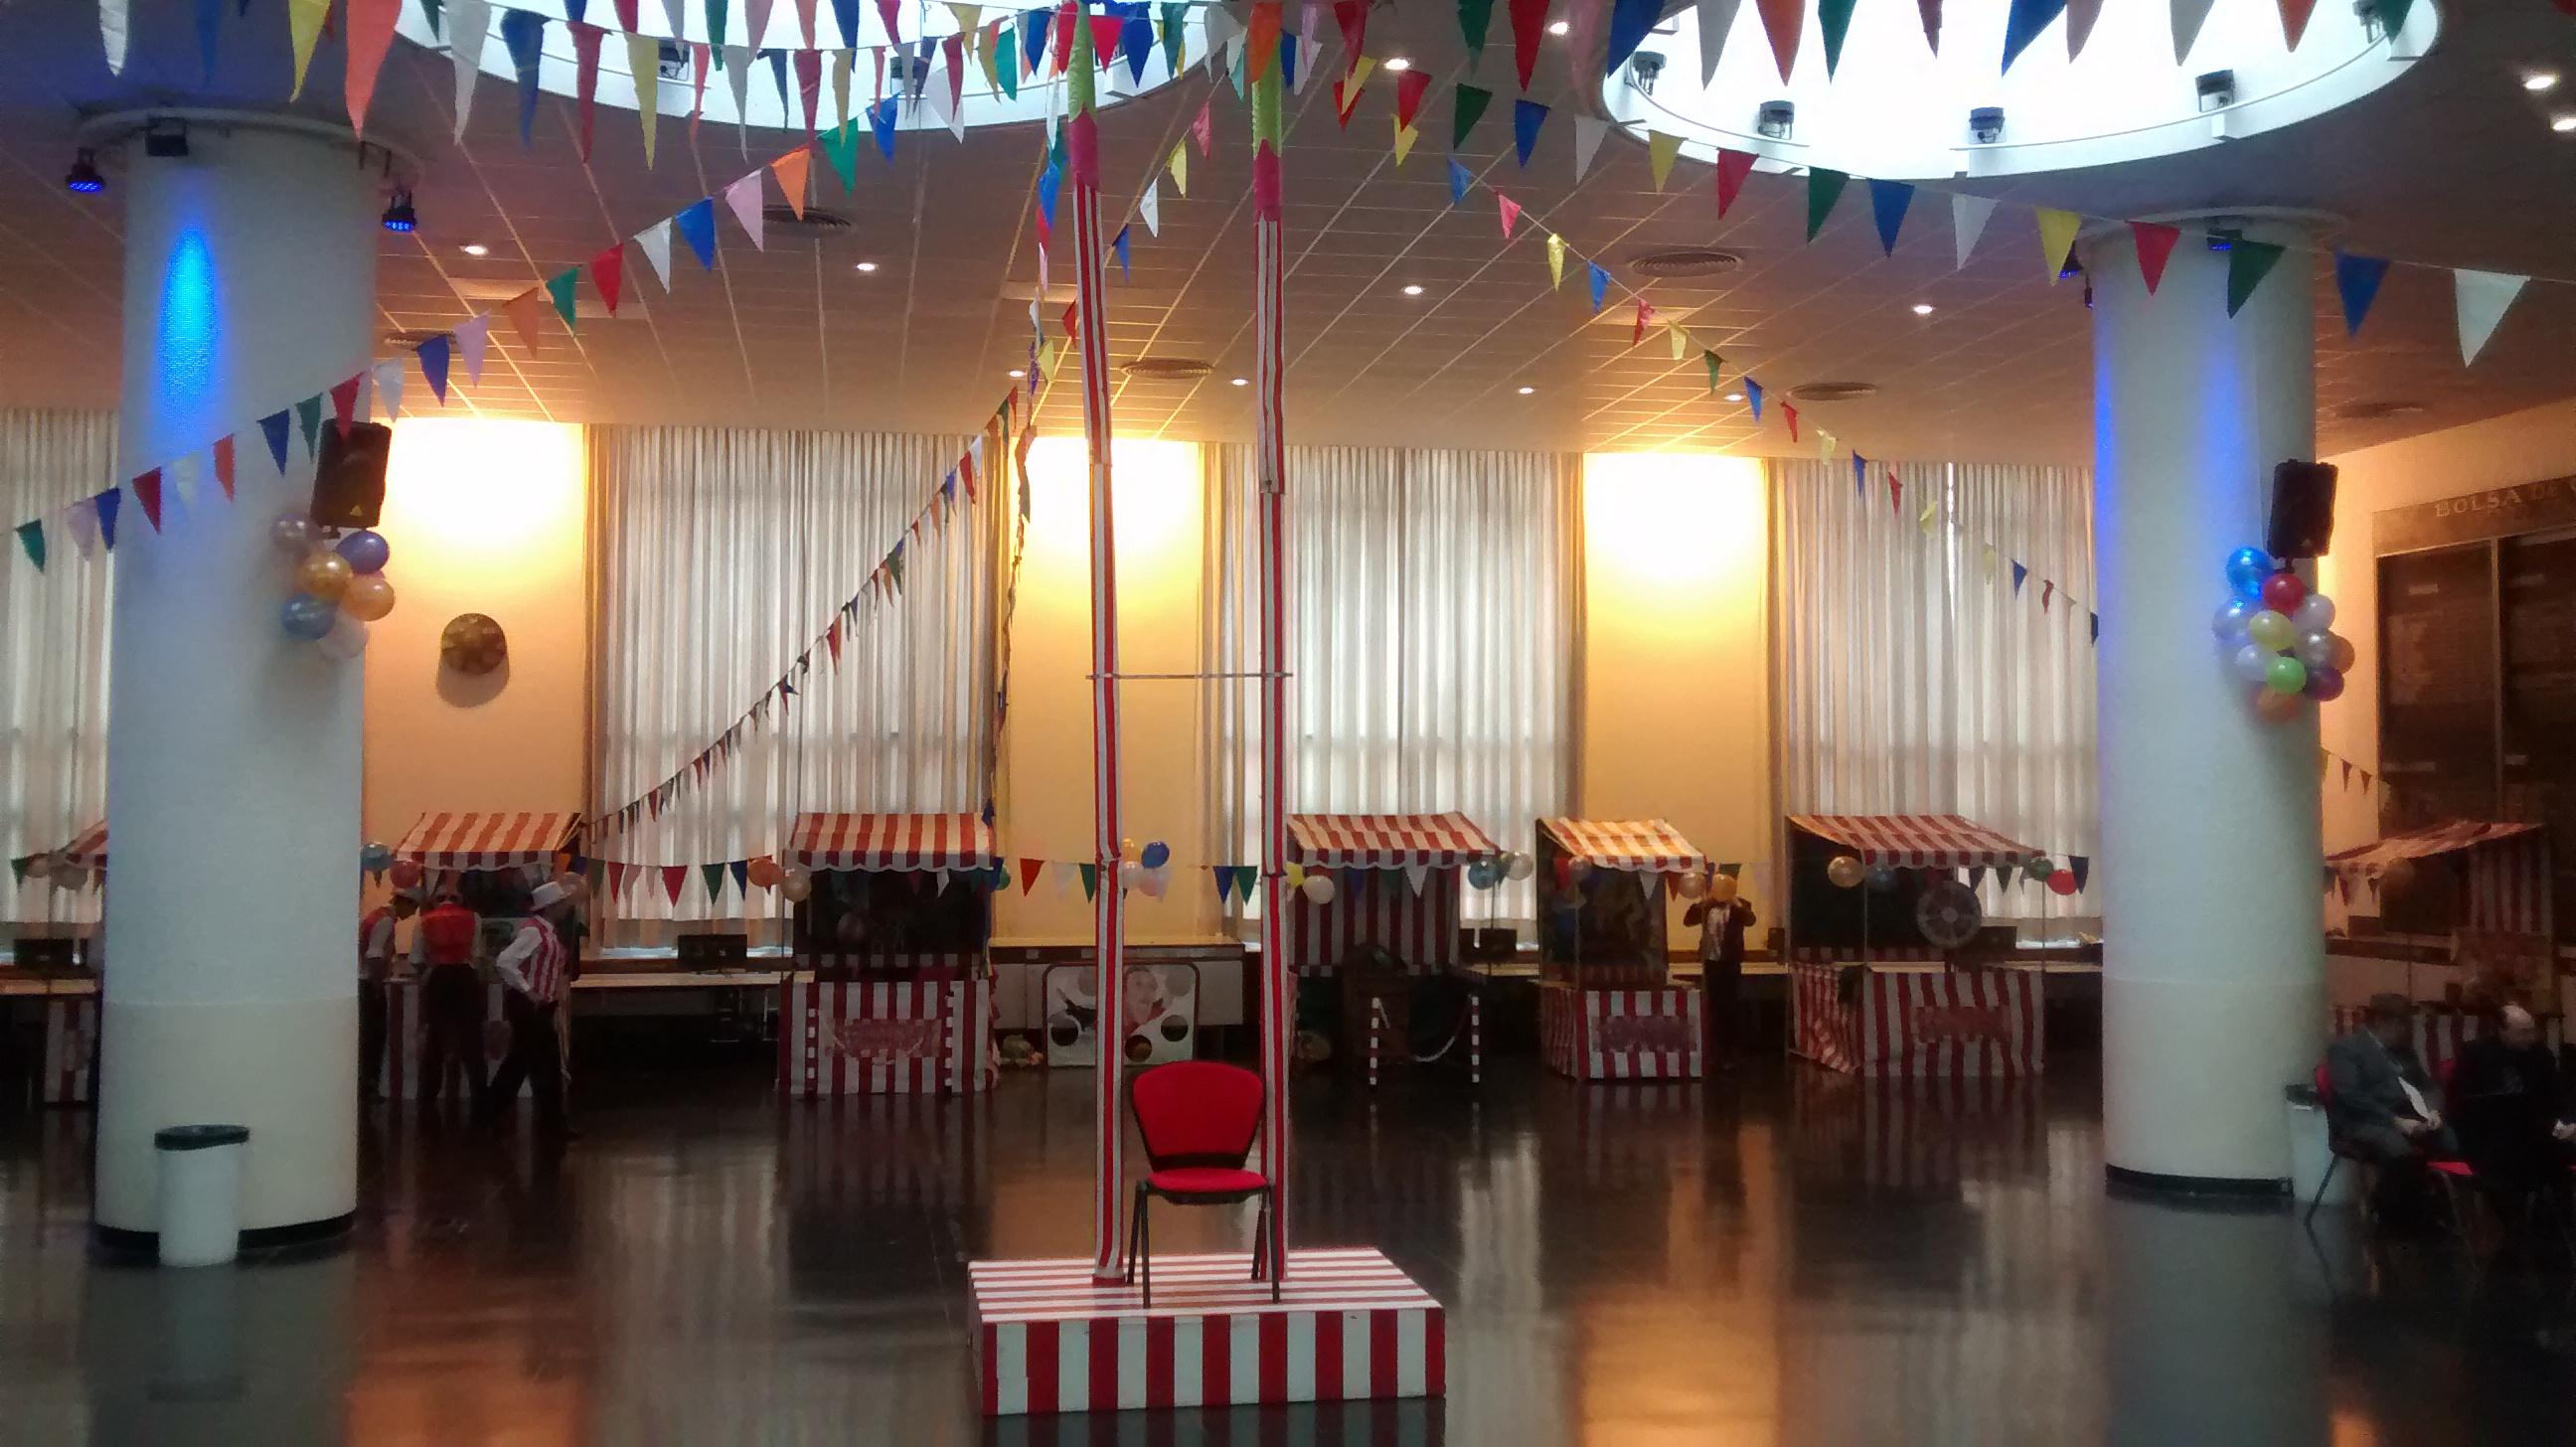 Mega Gran Kermesse Dia Del Nino Kermesse Time Puestos Y Juegos